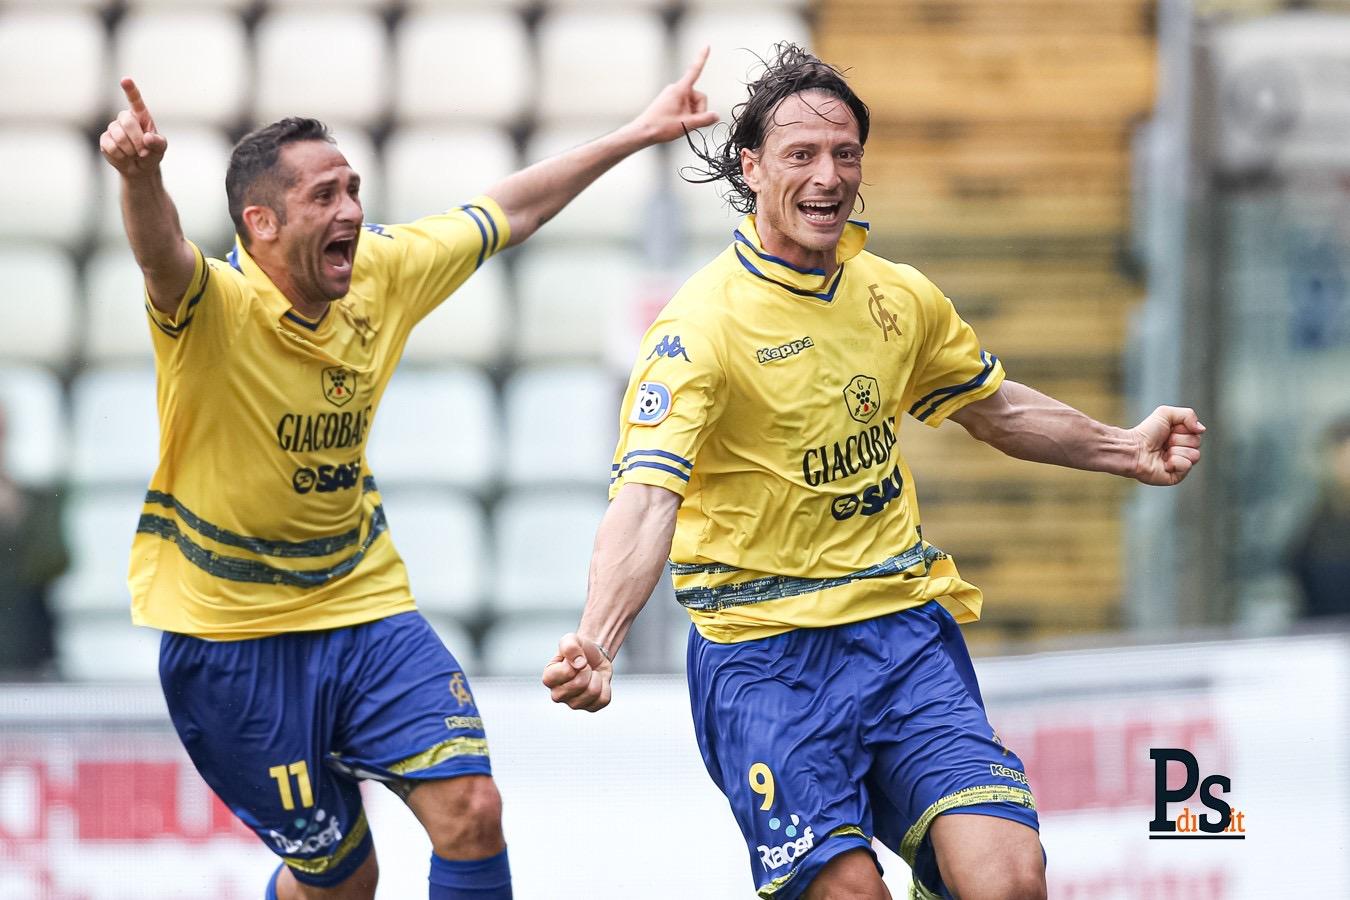 Modena-Reggio Audace 4-1, i quattro gol dei gialloblù